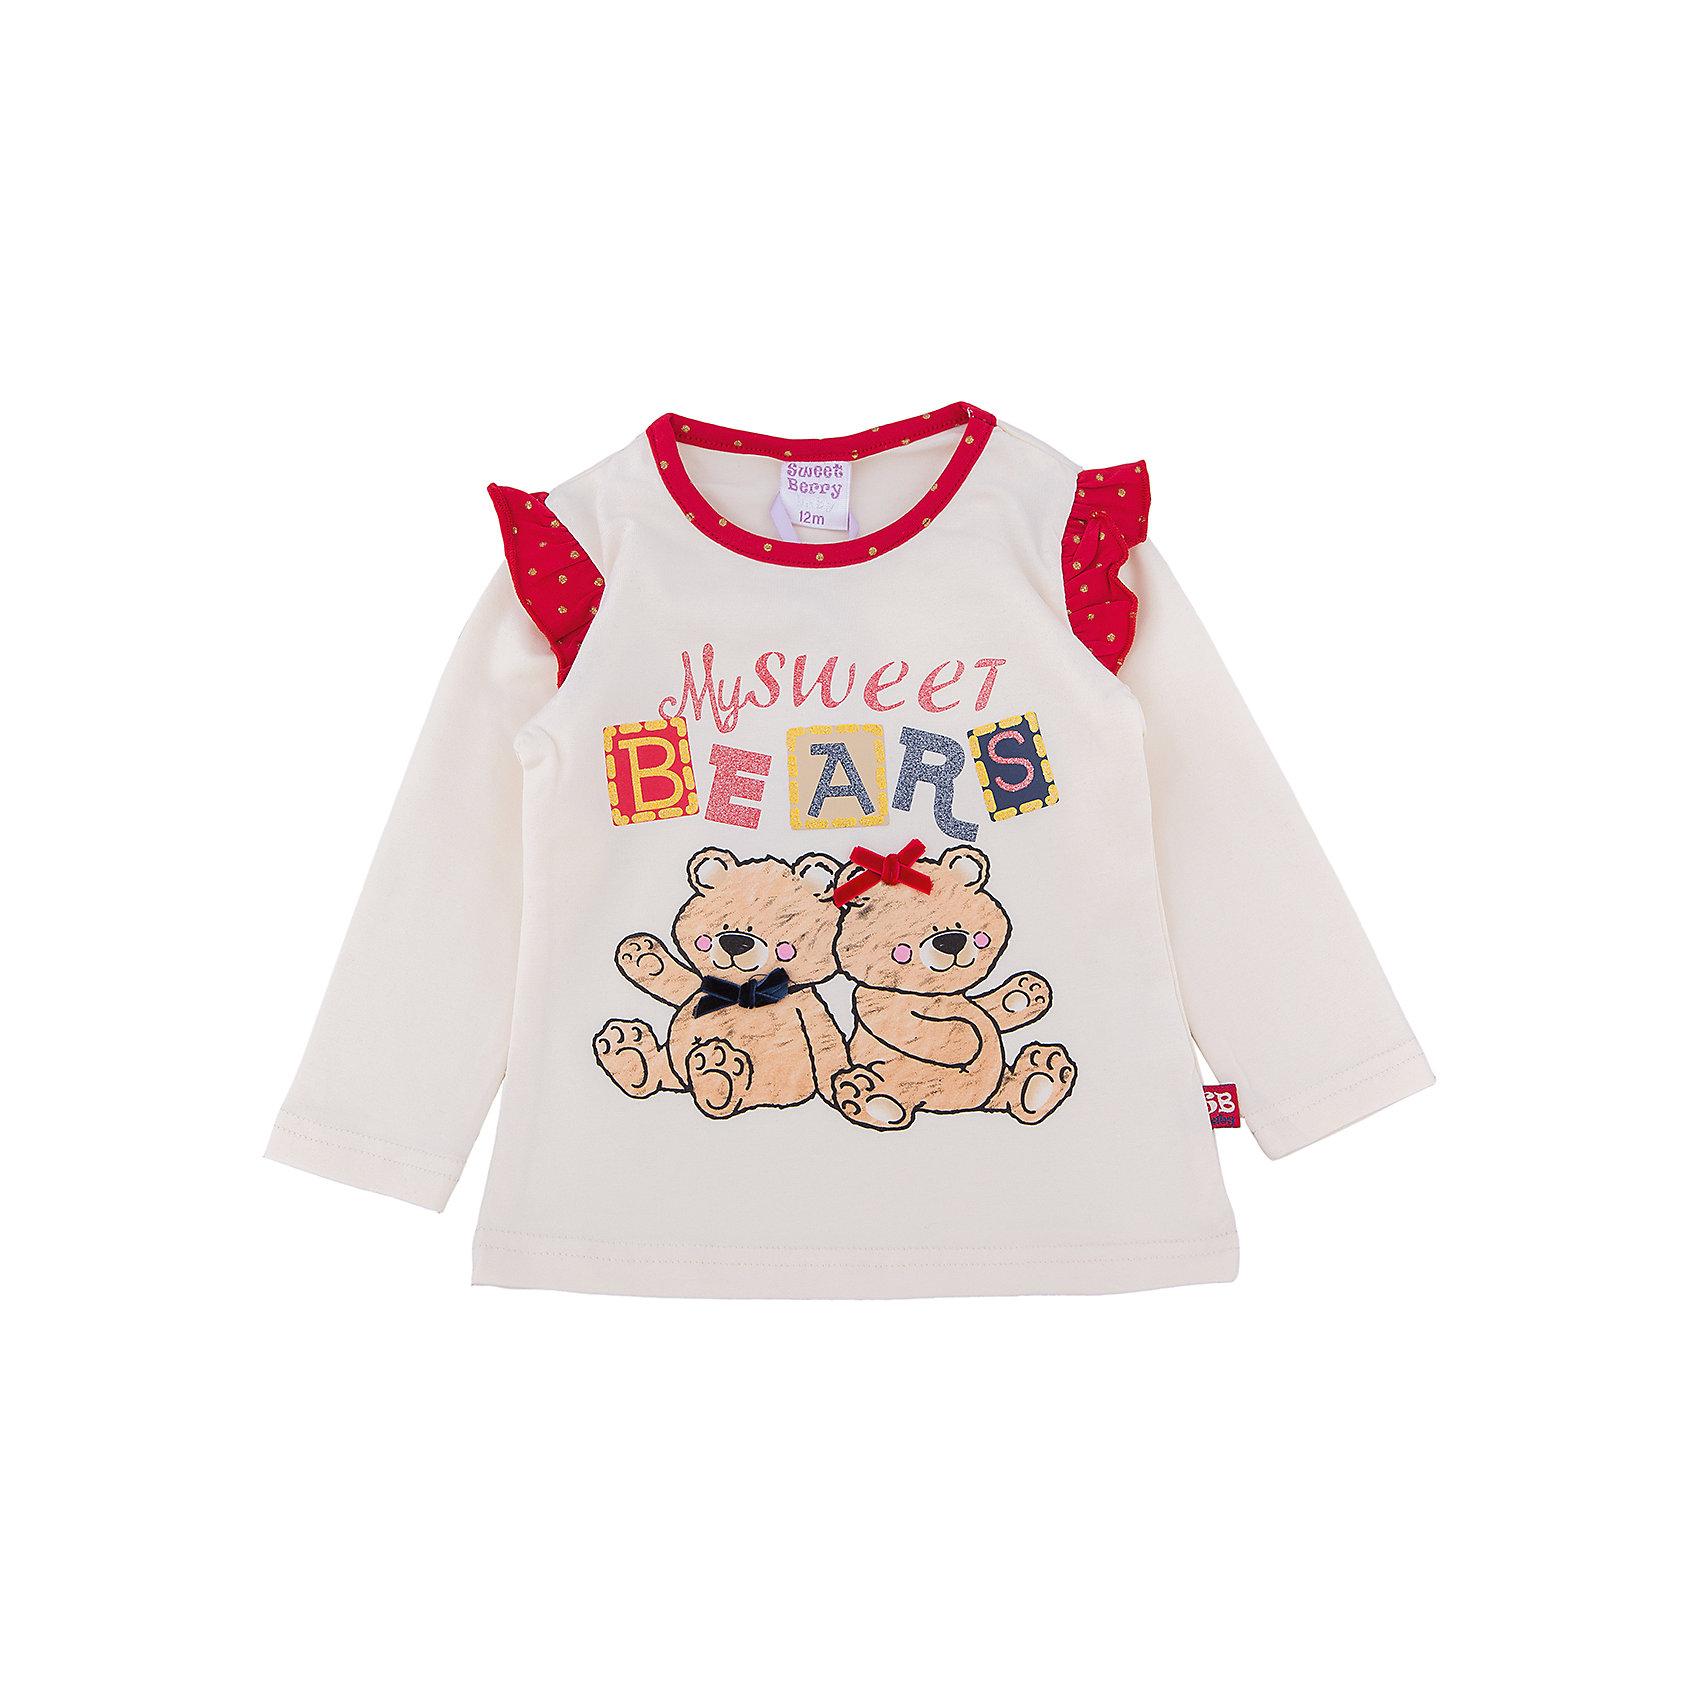 Футболка с длинным рукавом для девочки Sweet BerryЭта футболка с длинным рукавом для девочки отличается модным дизайном с ярким принтом. Удачный крой обеспечит ребенку комфорт и тепло. Горловина изделия выполнена из яркого контрастного трикотажа. Вещь плотно прилегает к телу там, где нужно, и отлично сидит по фигуре.<br>Одежда от бренда Sweet Berry - это простой и выгодный способ одеть ребенка удобно и стильно. Всё изделия тщательно проработаны: швы - прочные, материал - качественный, фурнитура - подобранная специально для детей. <br><br>Дополнительная информация:<br><br>цвет: белый;<br>материал: 95% хлопок, 5% эластан;<br>декорирована принтом.<br><br>Футболку с длинным рукавом для девочки от бренда Sweet Berry можно купить в нашем интернет-магазине.<br><br>Ширина мм: 230<br>Глубина мм: 40<br>Высота мм: 220<br>Вес г: 250<br>Цвет: бежевый<br>Возраст от месяцев: 12<br>Возраст до месяцев: 15<br>Пол: Женский<br>Возраст: Детский<br>Размер: 80,98,92,86<br>SKU: 4931338